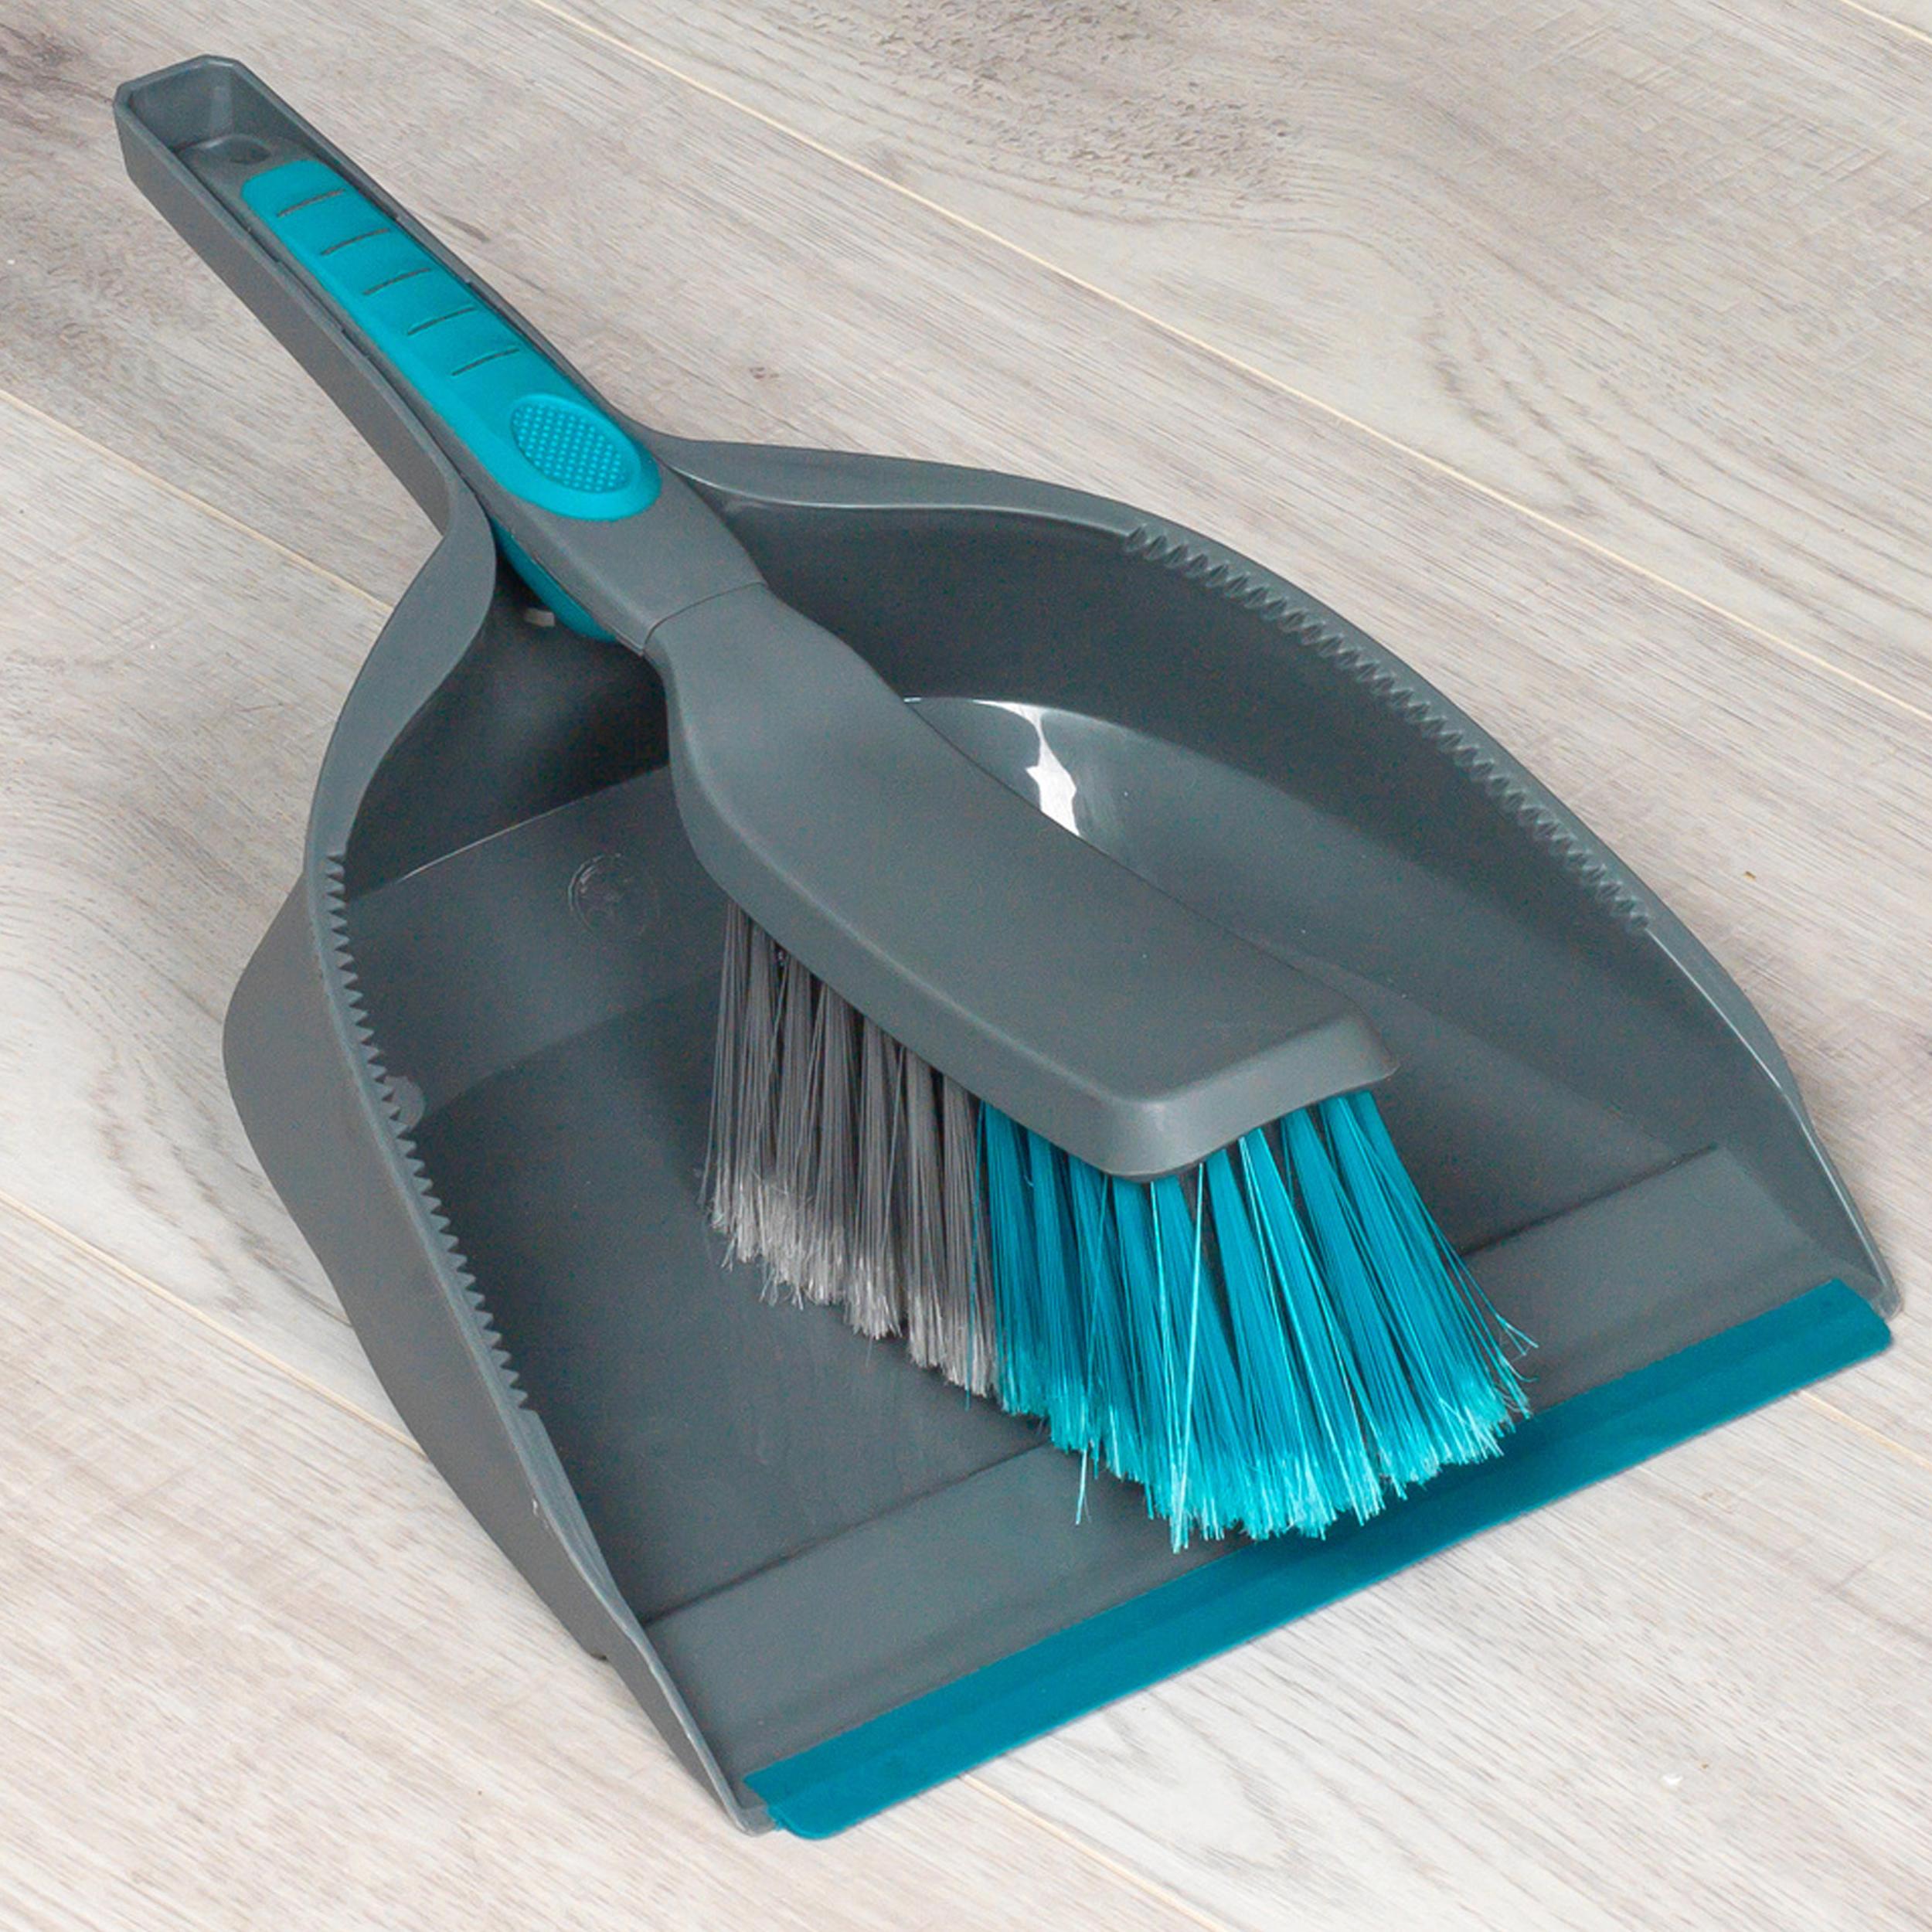 Grey Beldray Telescopic Floor Broom With Dustpan And